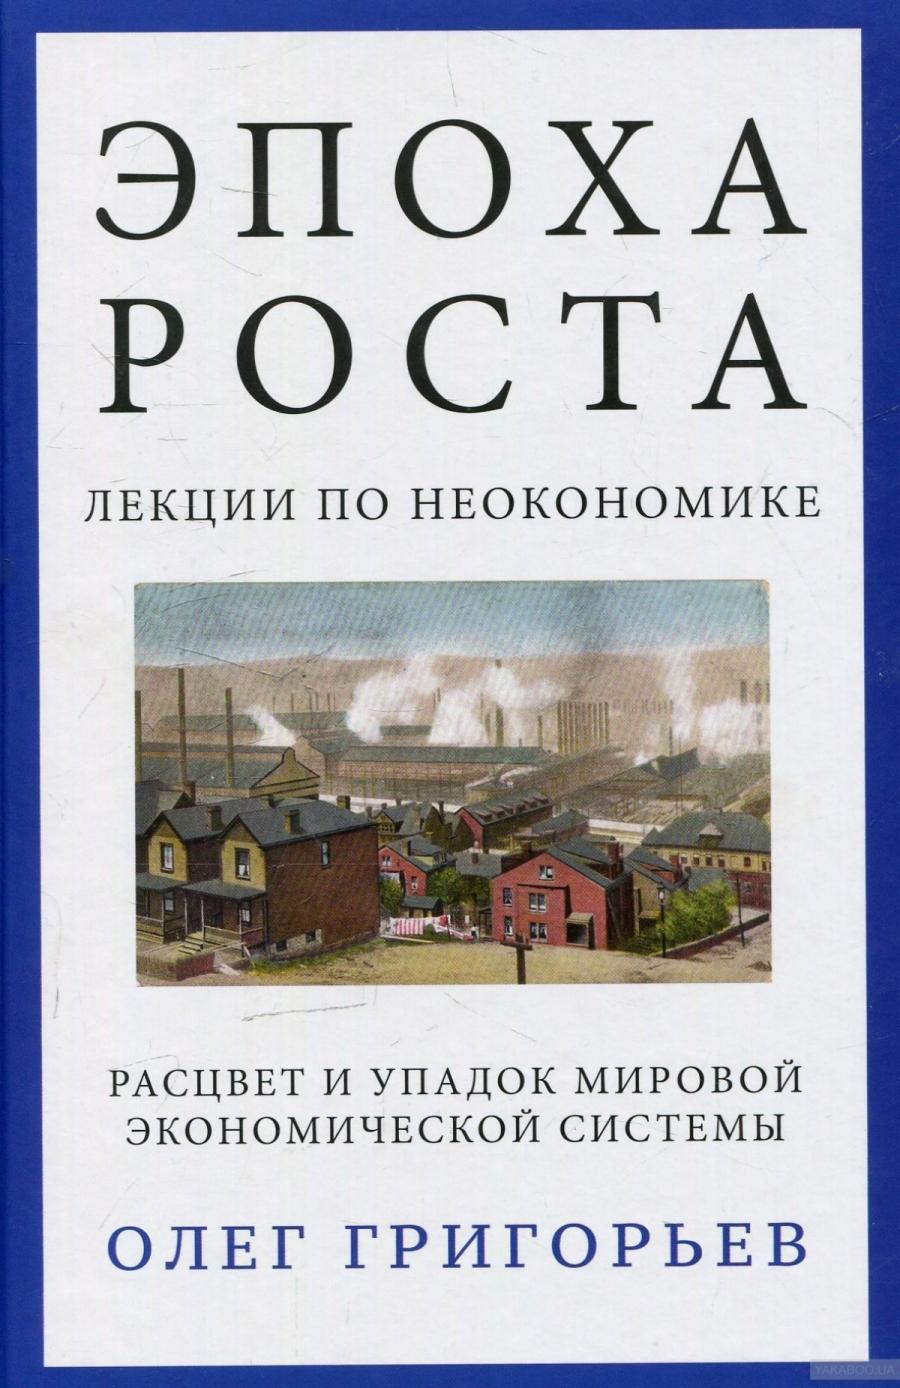 Обложка книги:  григорьев о. в. - эпоха роста. лекции по неокономике. расцвет и упадок мировой экономической системы